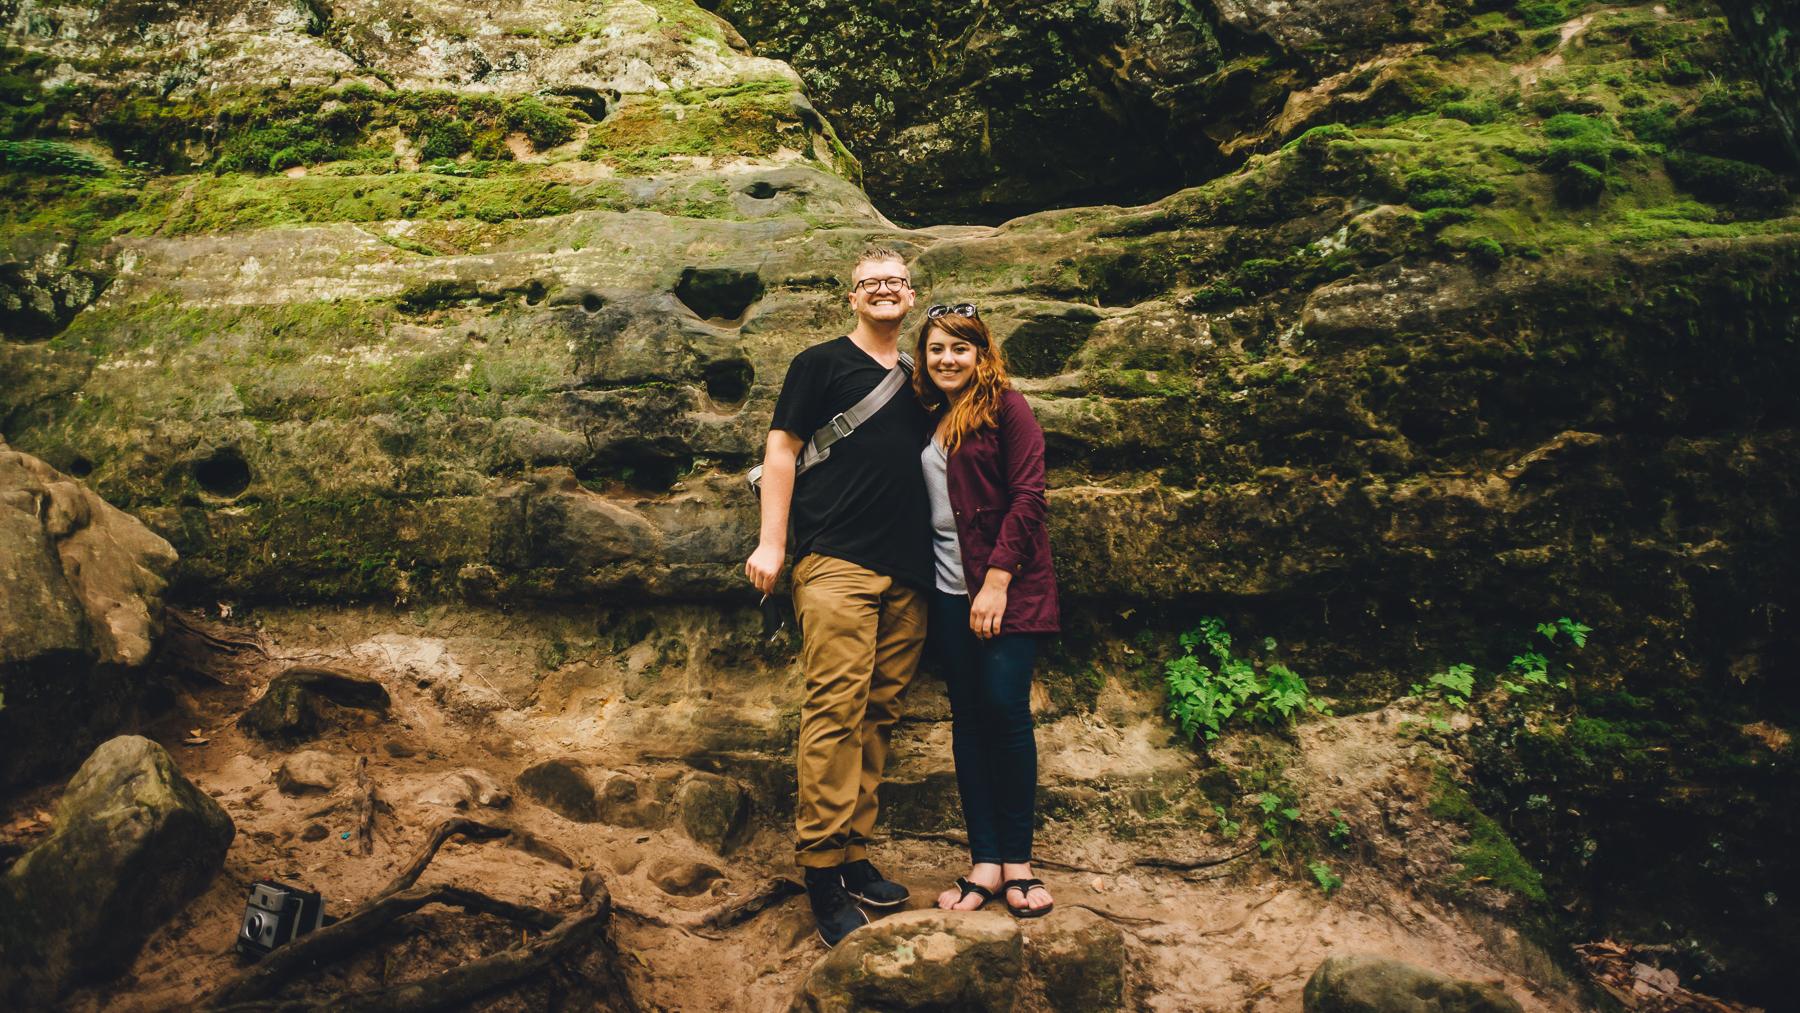 Alumni Matthew Provoast and Erika Townsley